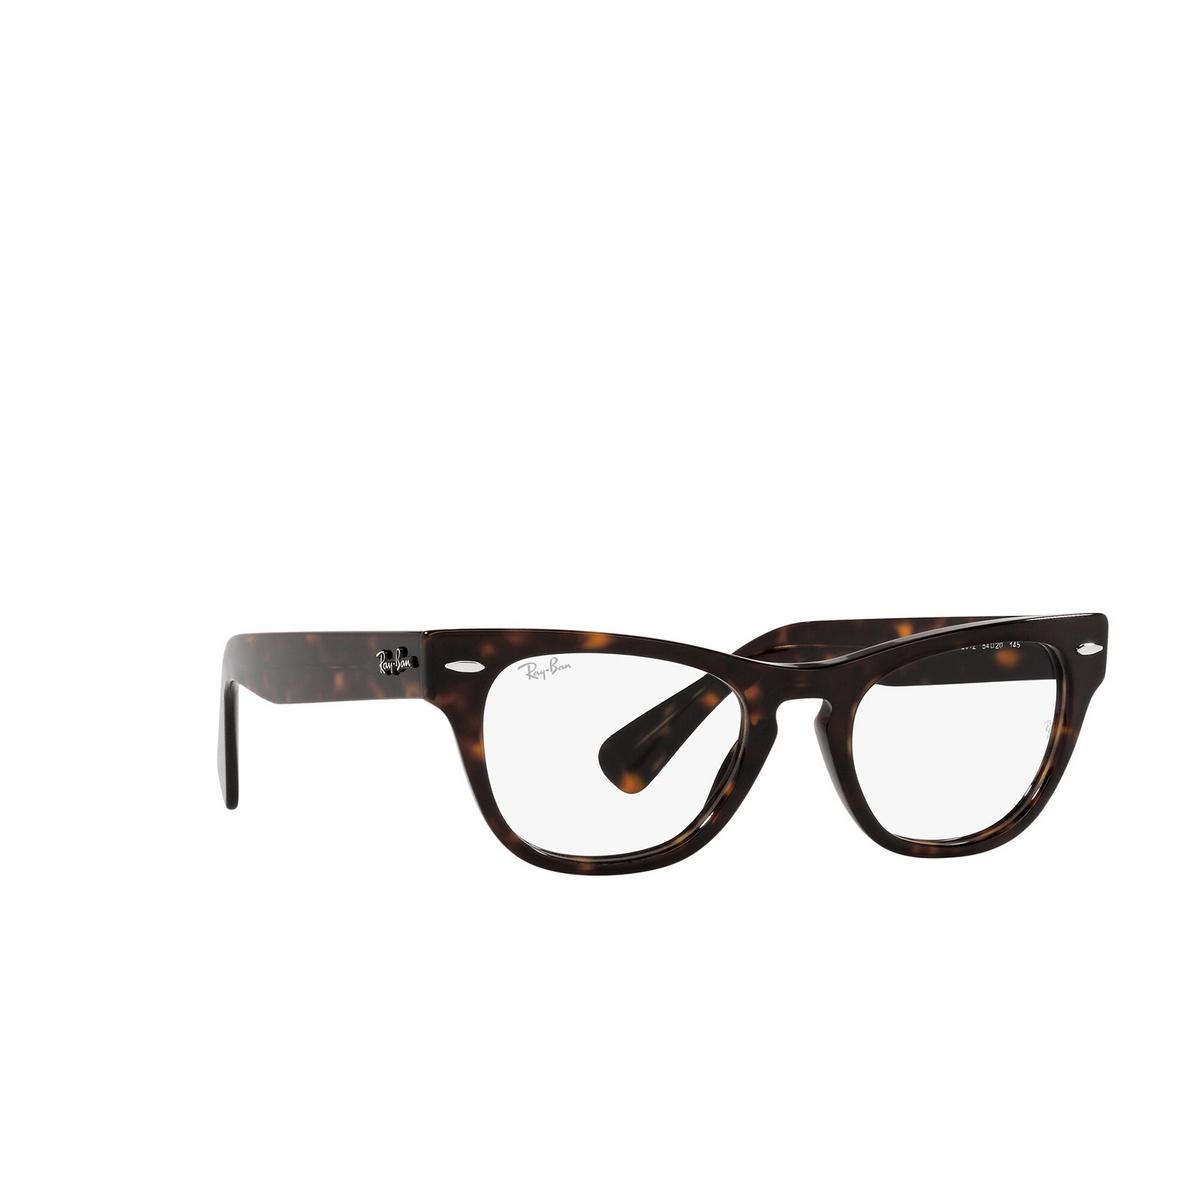 Ray-Ban® Square Eyeglasses: Laramie RX2201V color Havana 2012 - three-quarters view.